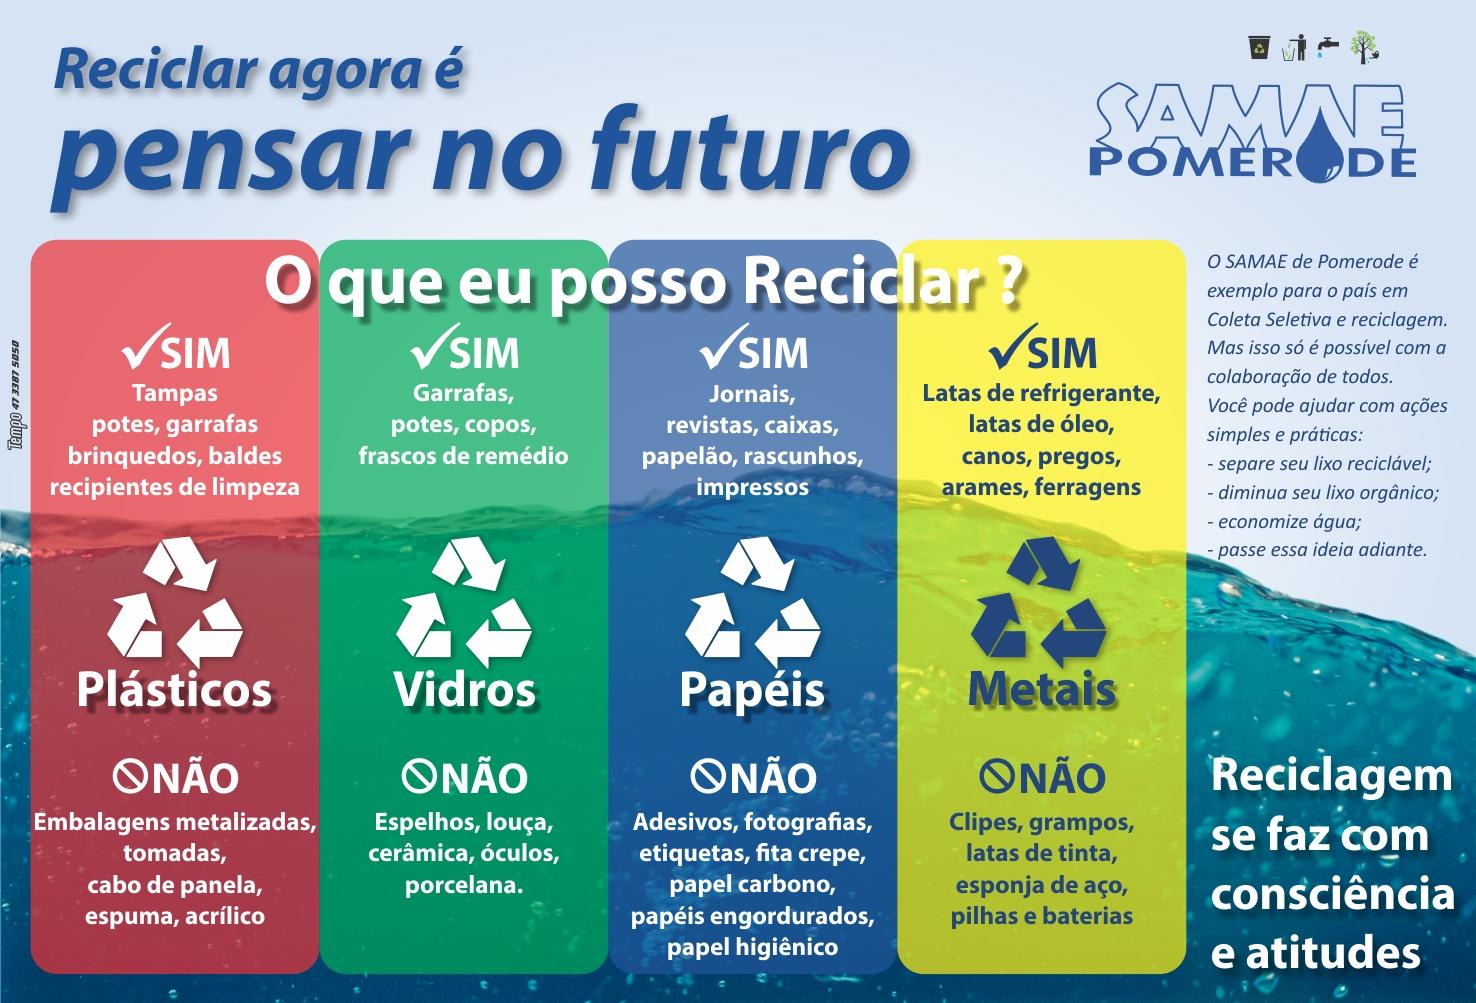 Anuncio Reciclar